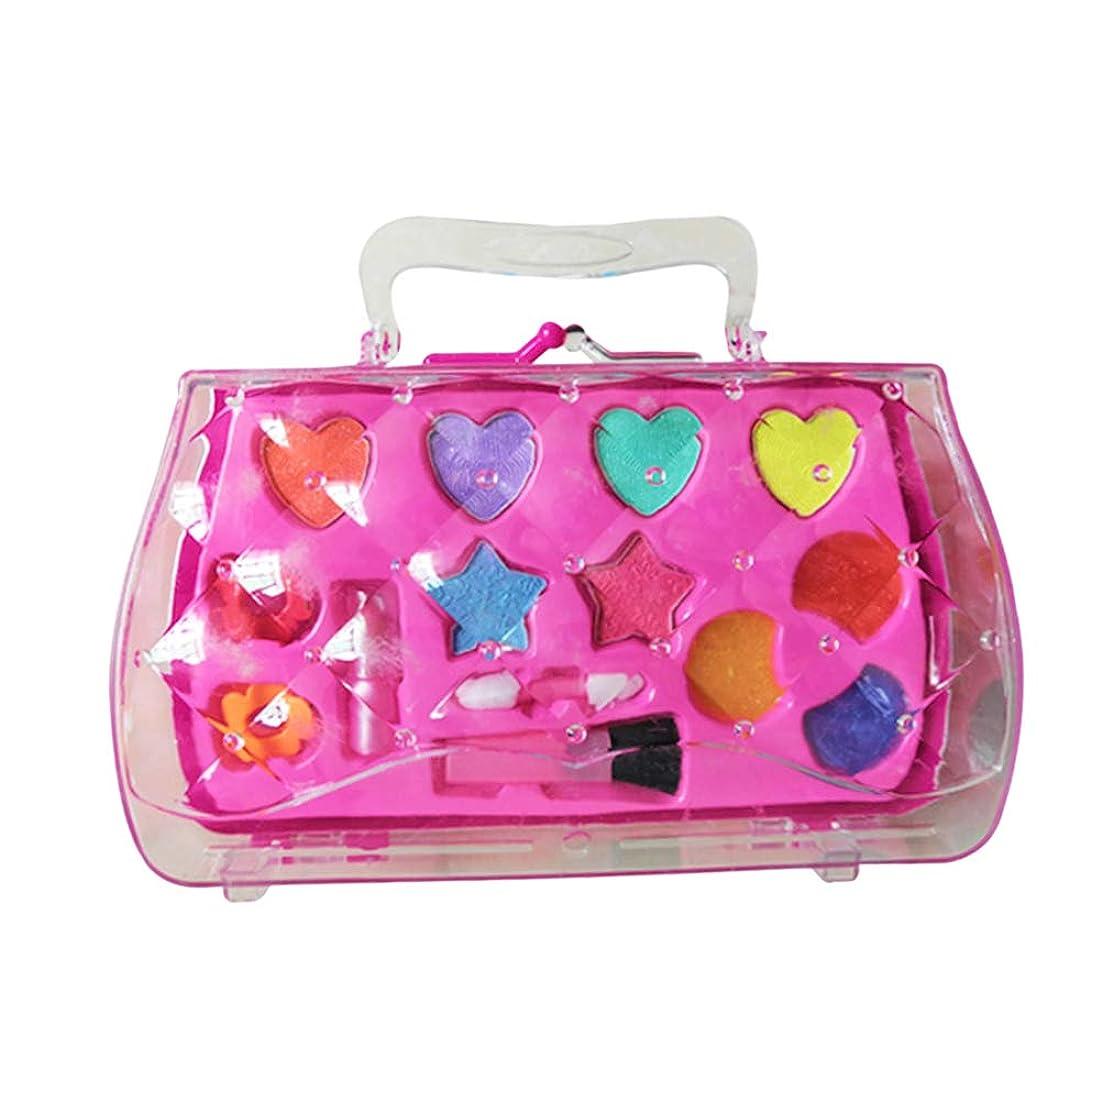 安心深いモンスターToyvian 女の子はおもちゃのセットを作る化粧品キットの口紅アイシャドーブラシ子供のためのおもちゃを作る女の子(ピンク)